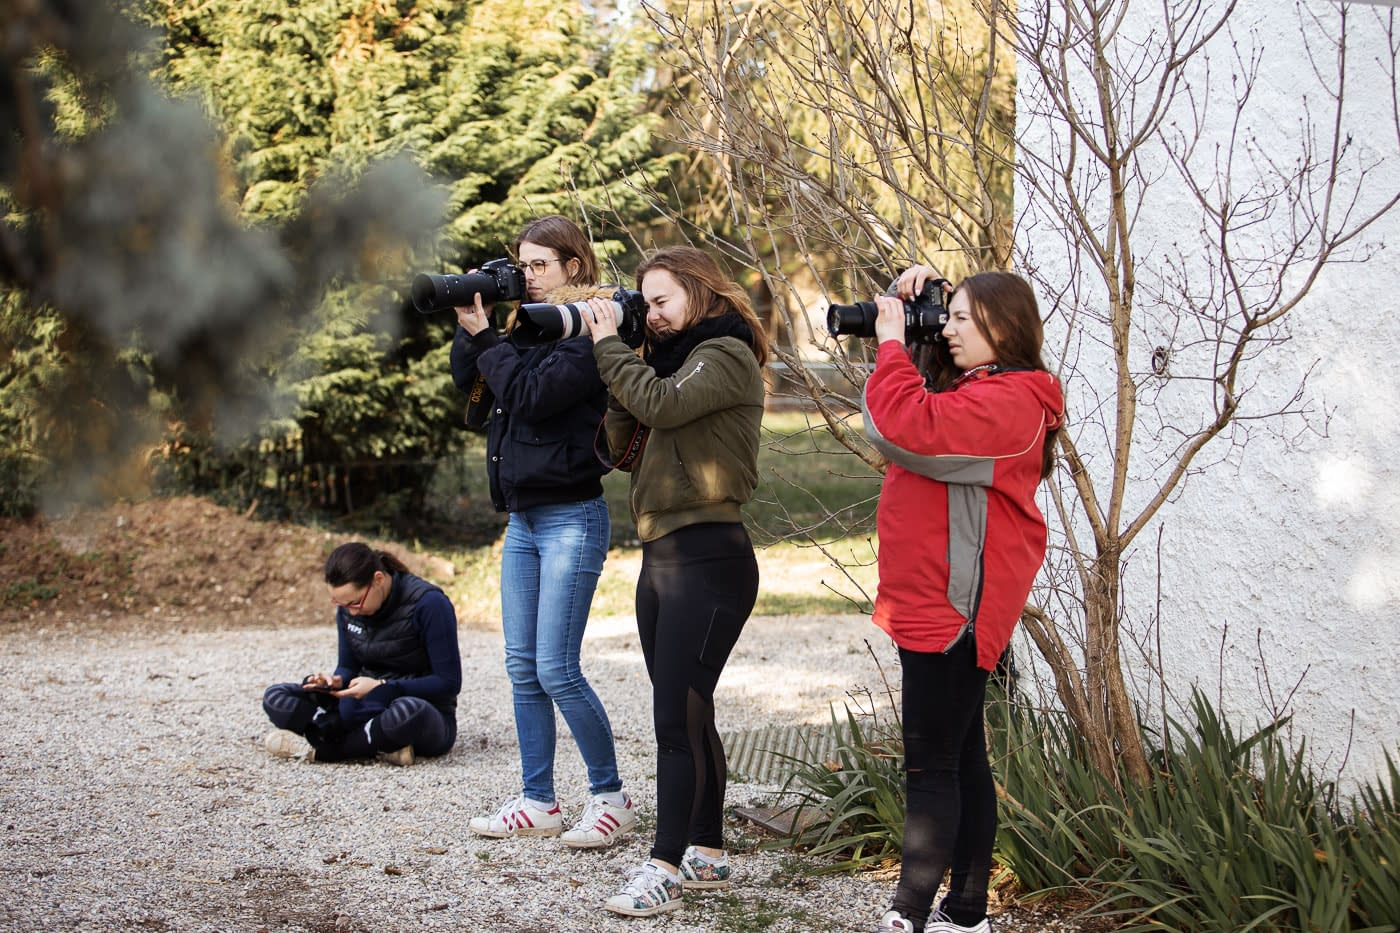 Rencontre photo, photographes ensemble - Faustine Gauchet